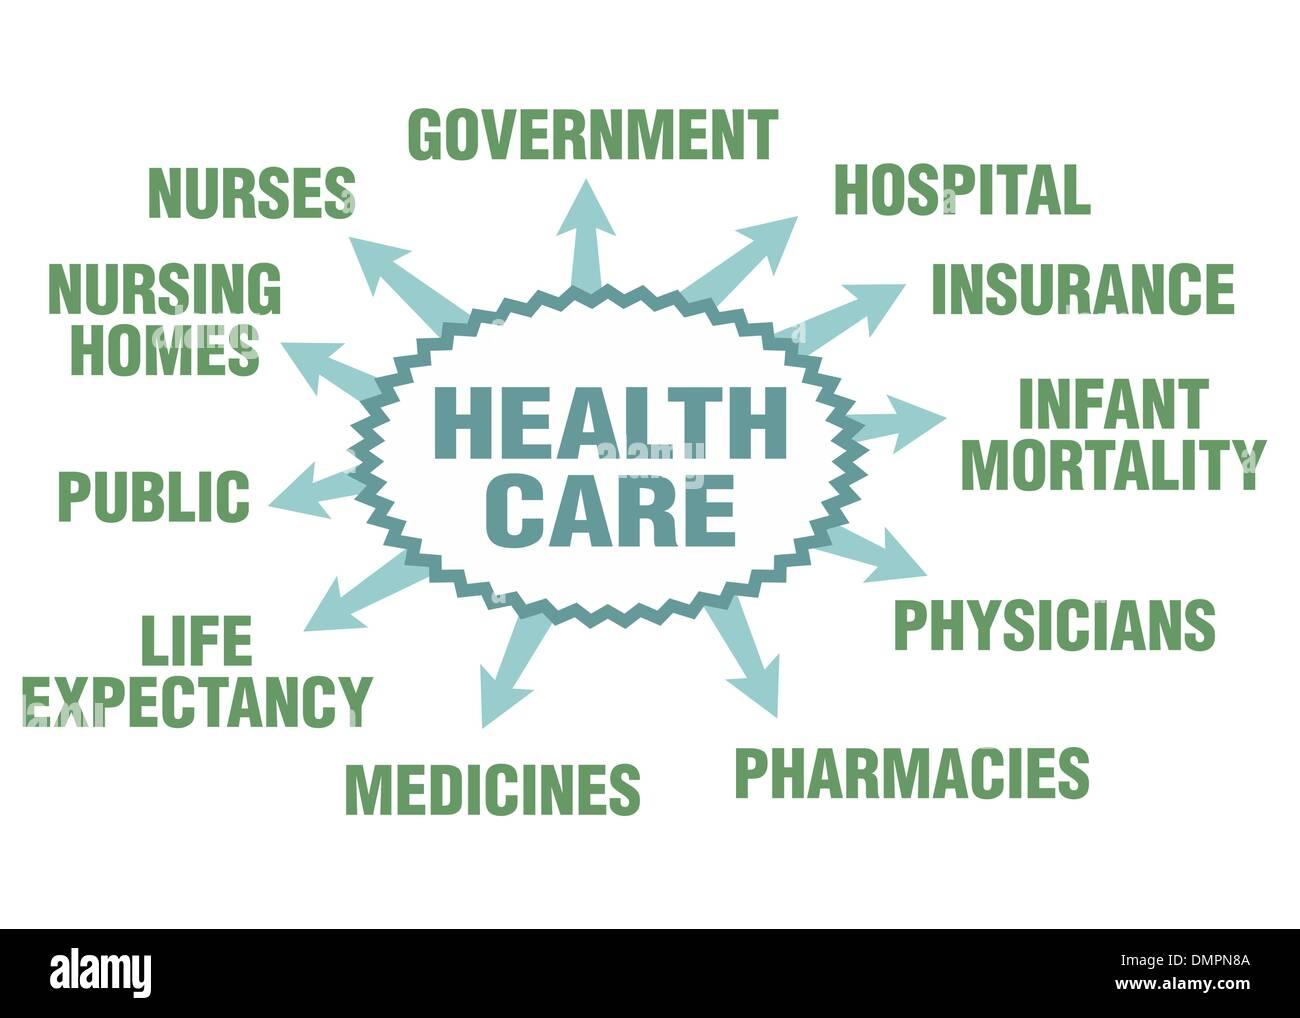 nursing care insurance stock photos & nursing care insurance stock